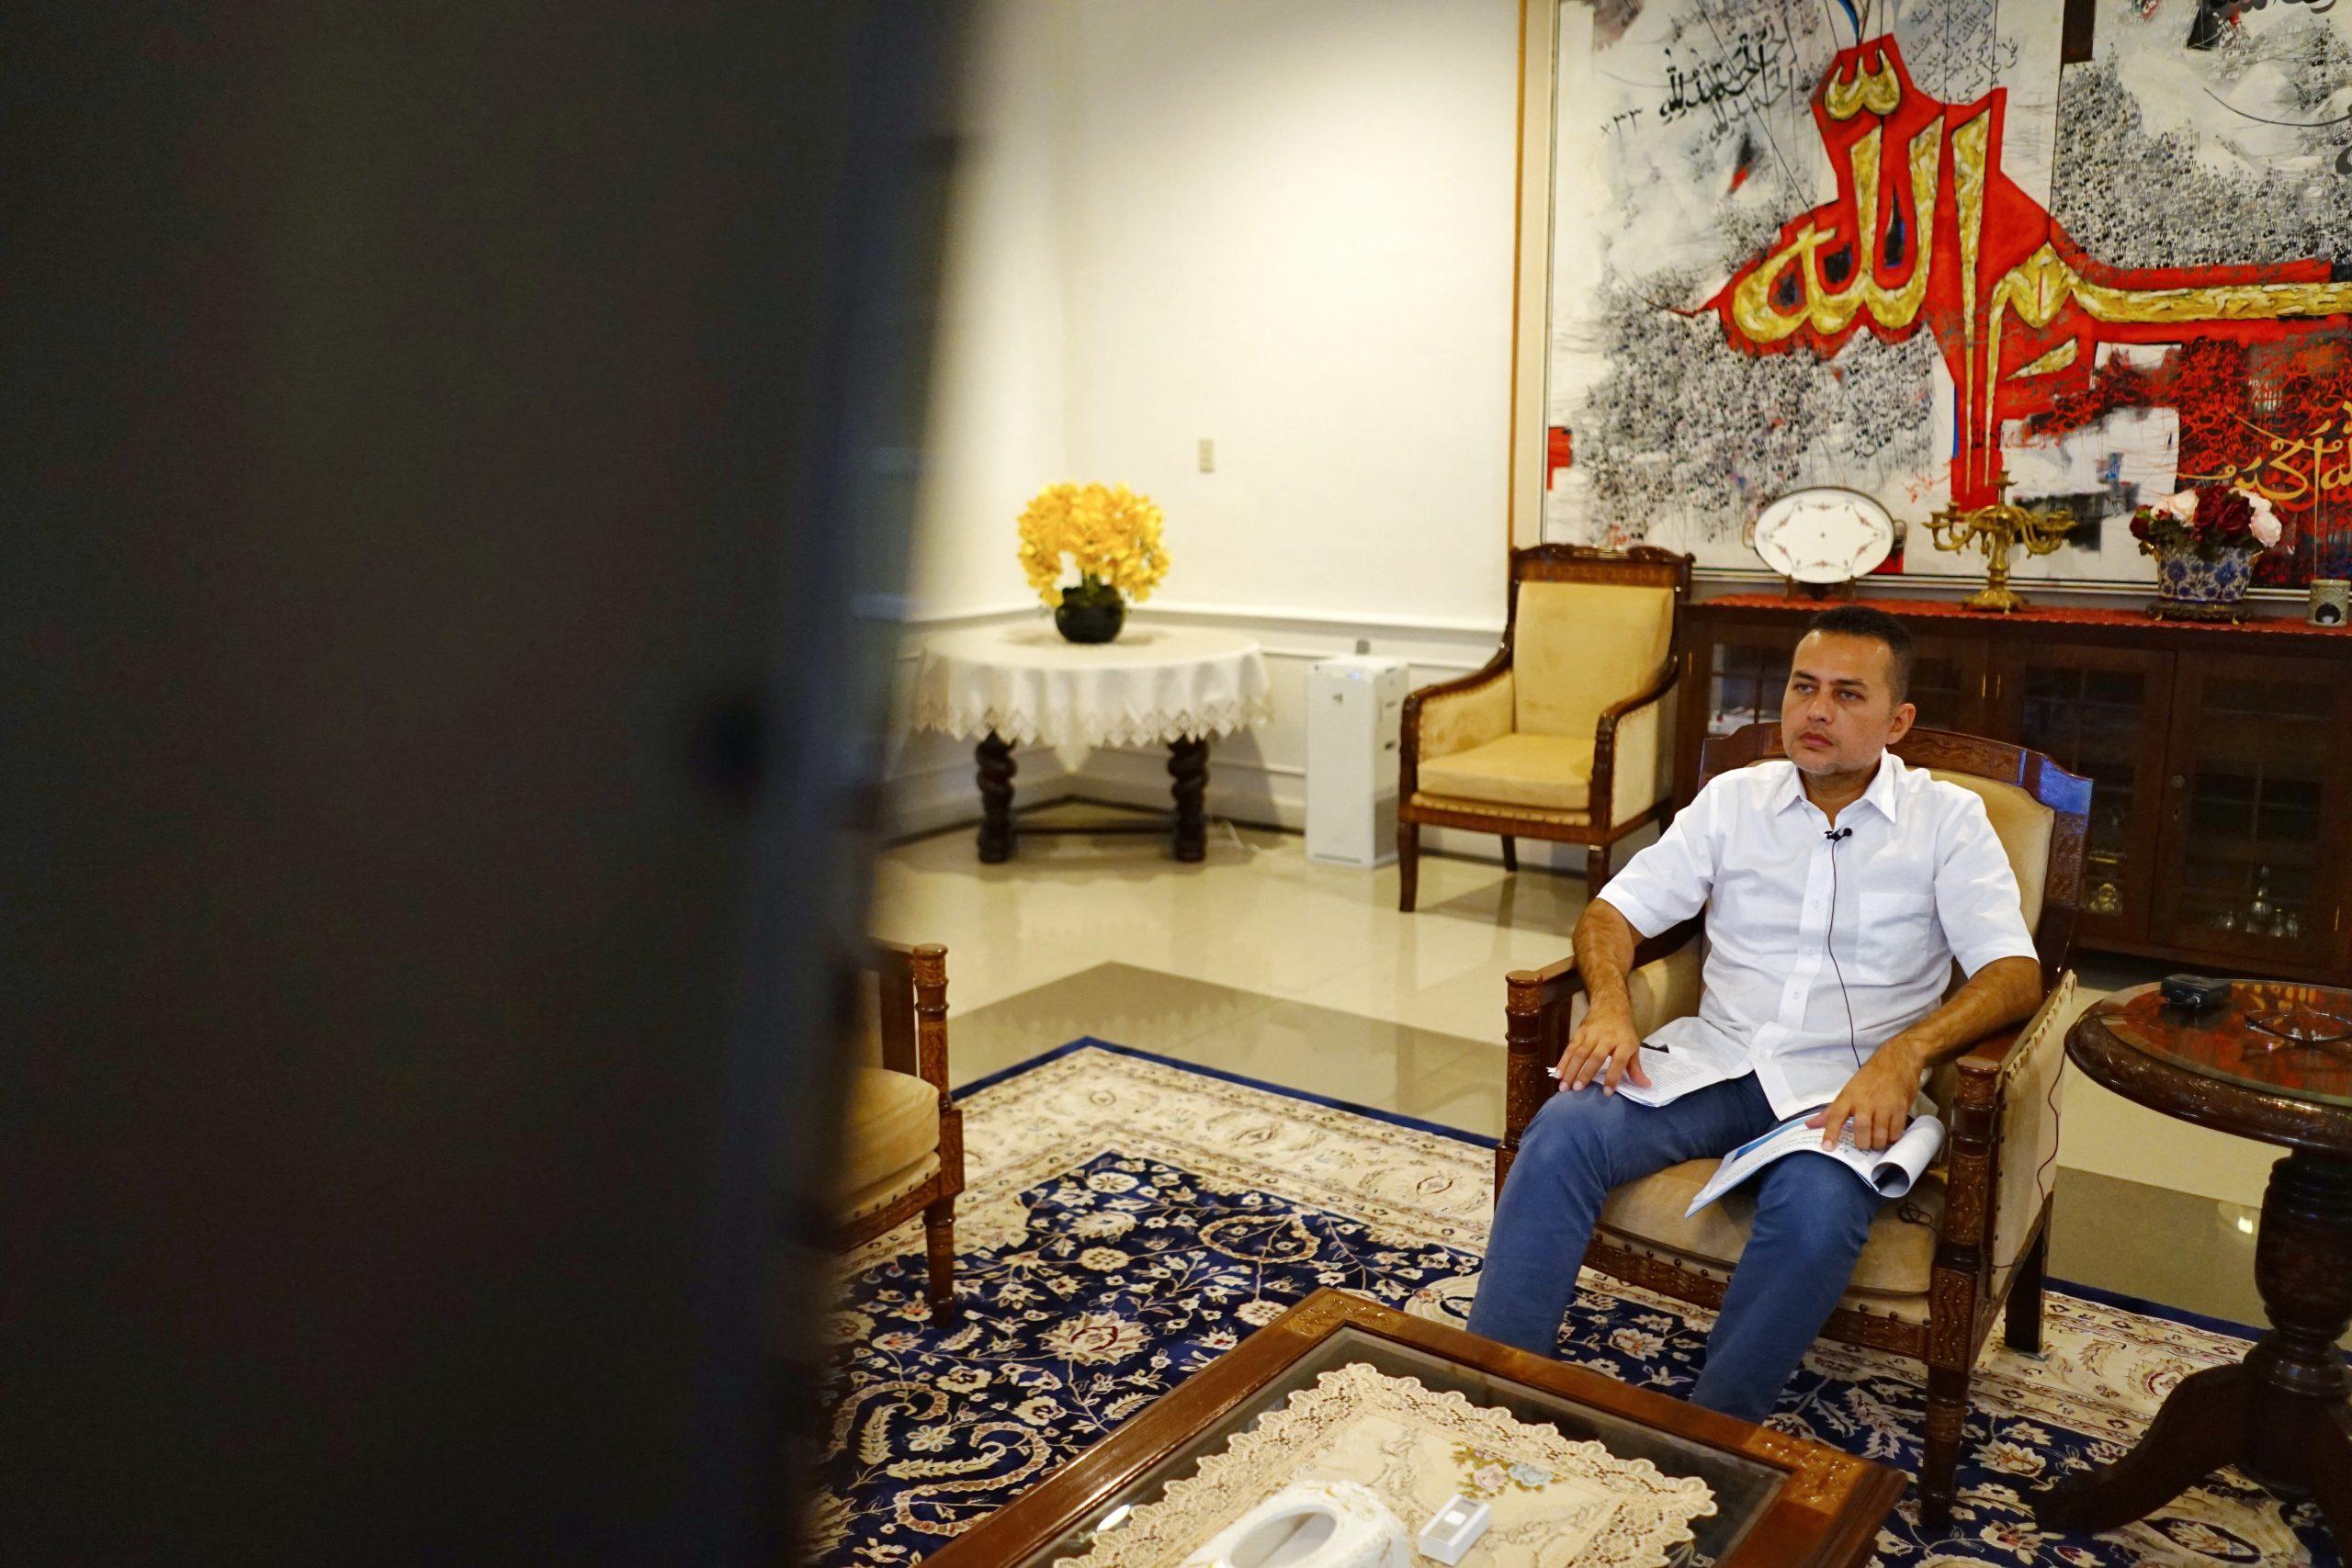 Wakil Gubernur Sumatera Utara Musa Rajekshah menjadi salah satu pembicara dalam Pelatihan Berkebun di Kota, Rabu (17/6/2020). Foto: istimewa